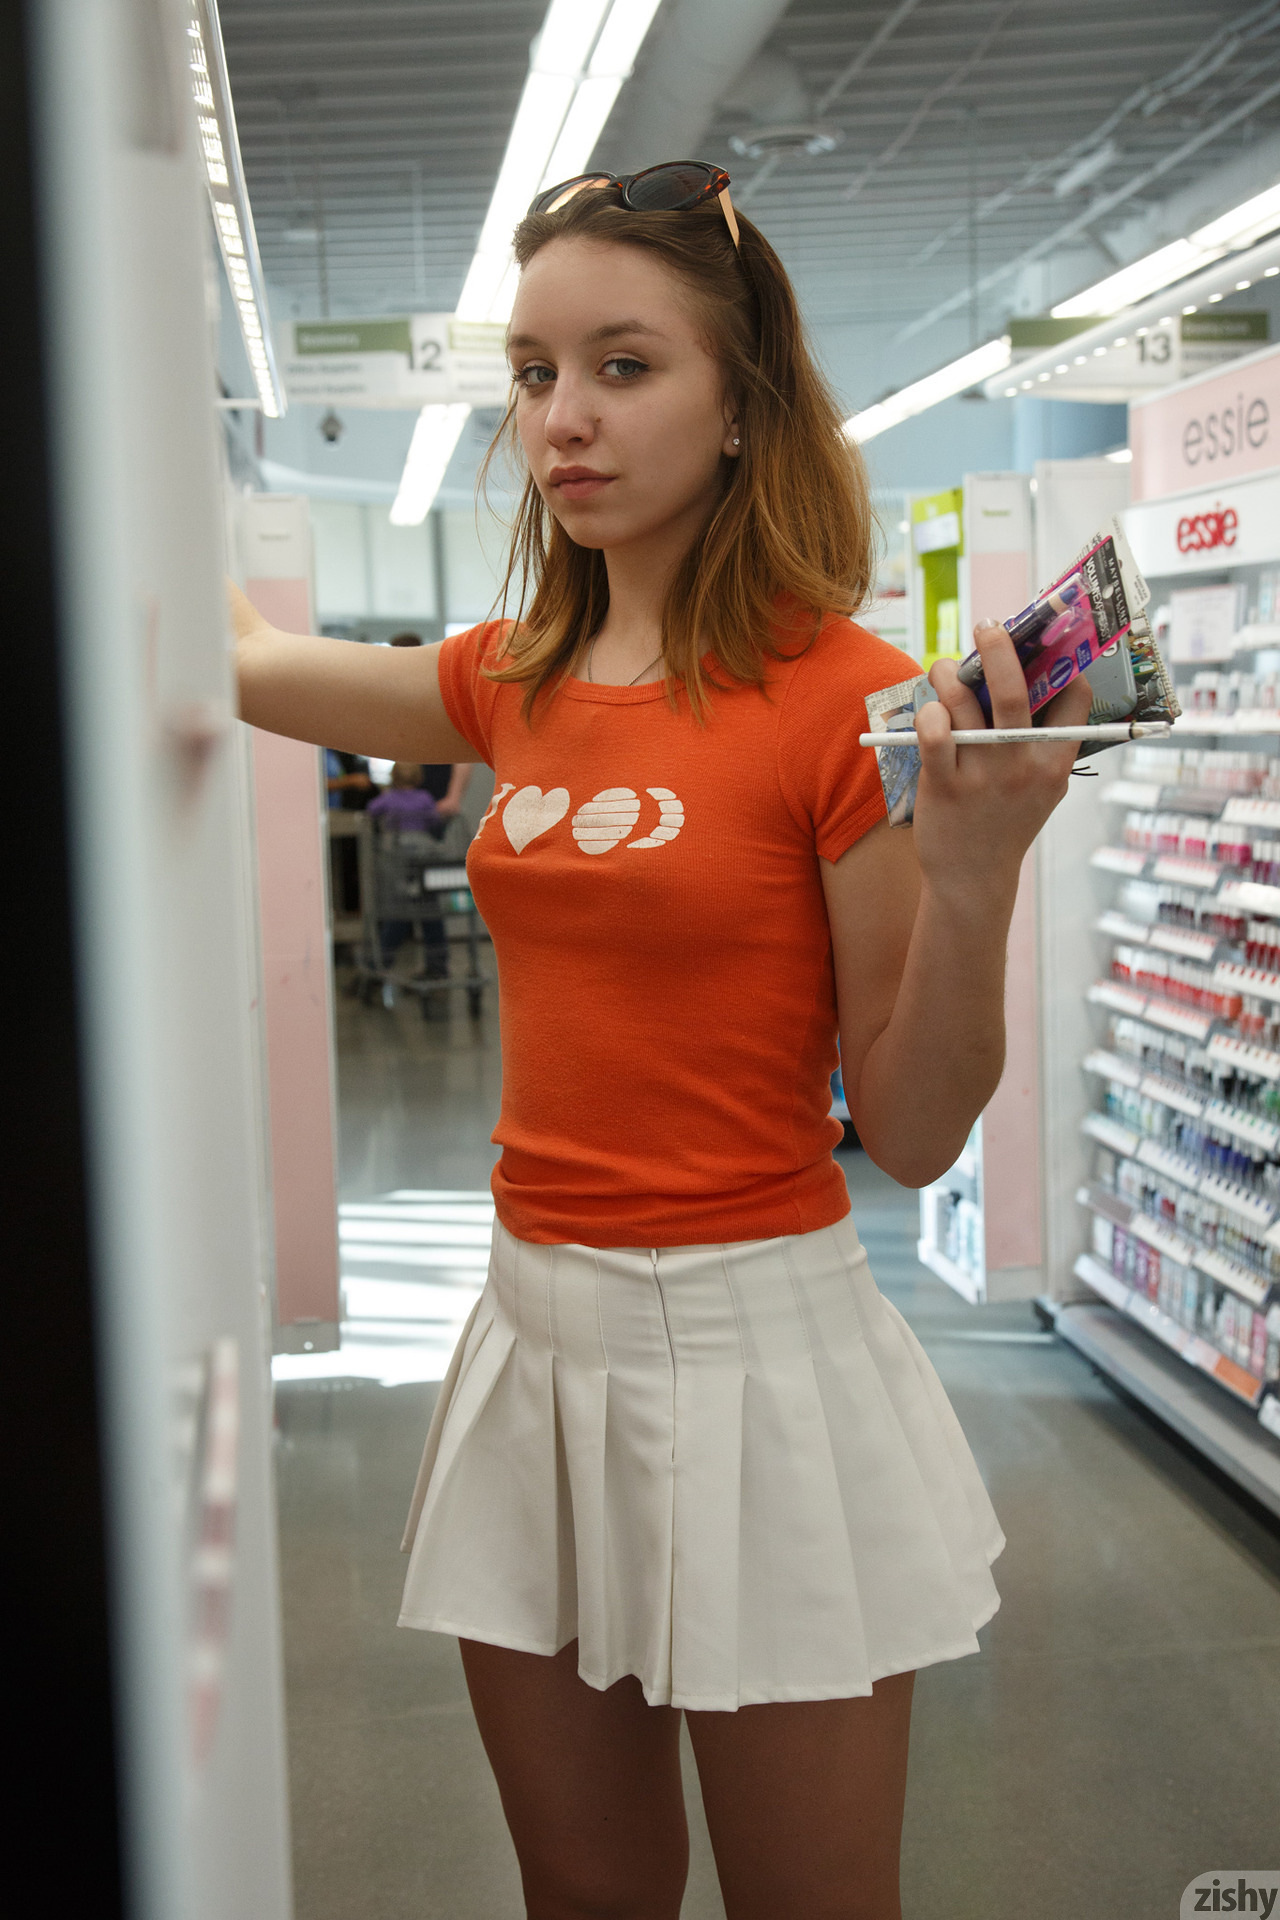 Dawson real american teen model - 3 8